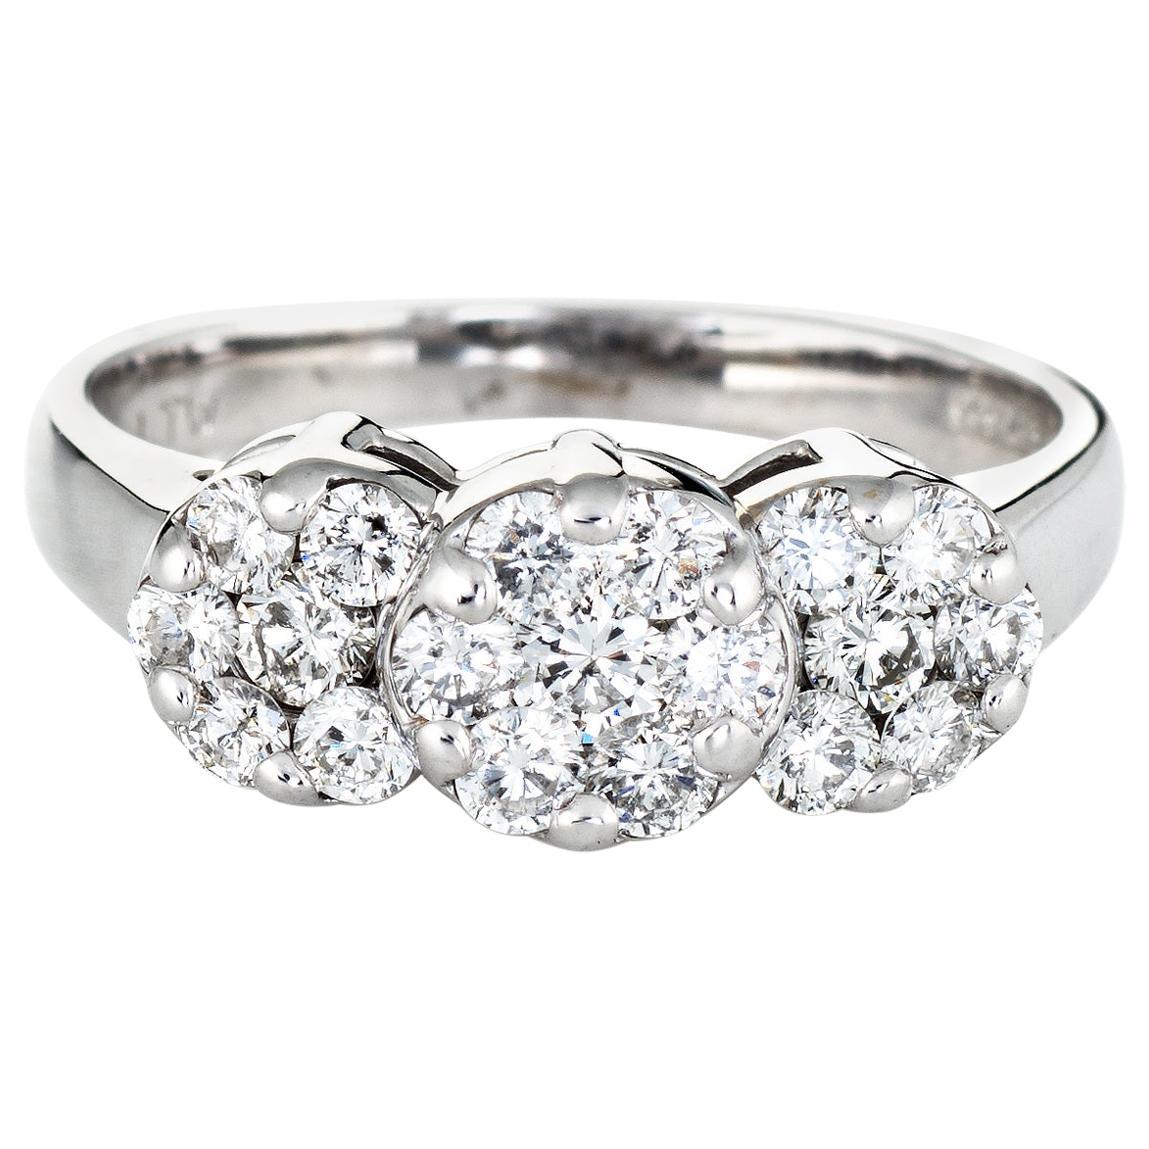 1 Carat Diamond Cluster Ring Estate 14 Karat White Gold 3 Flower Mount Jewelry